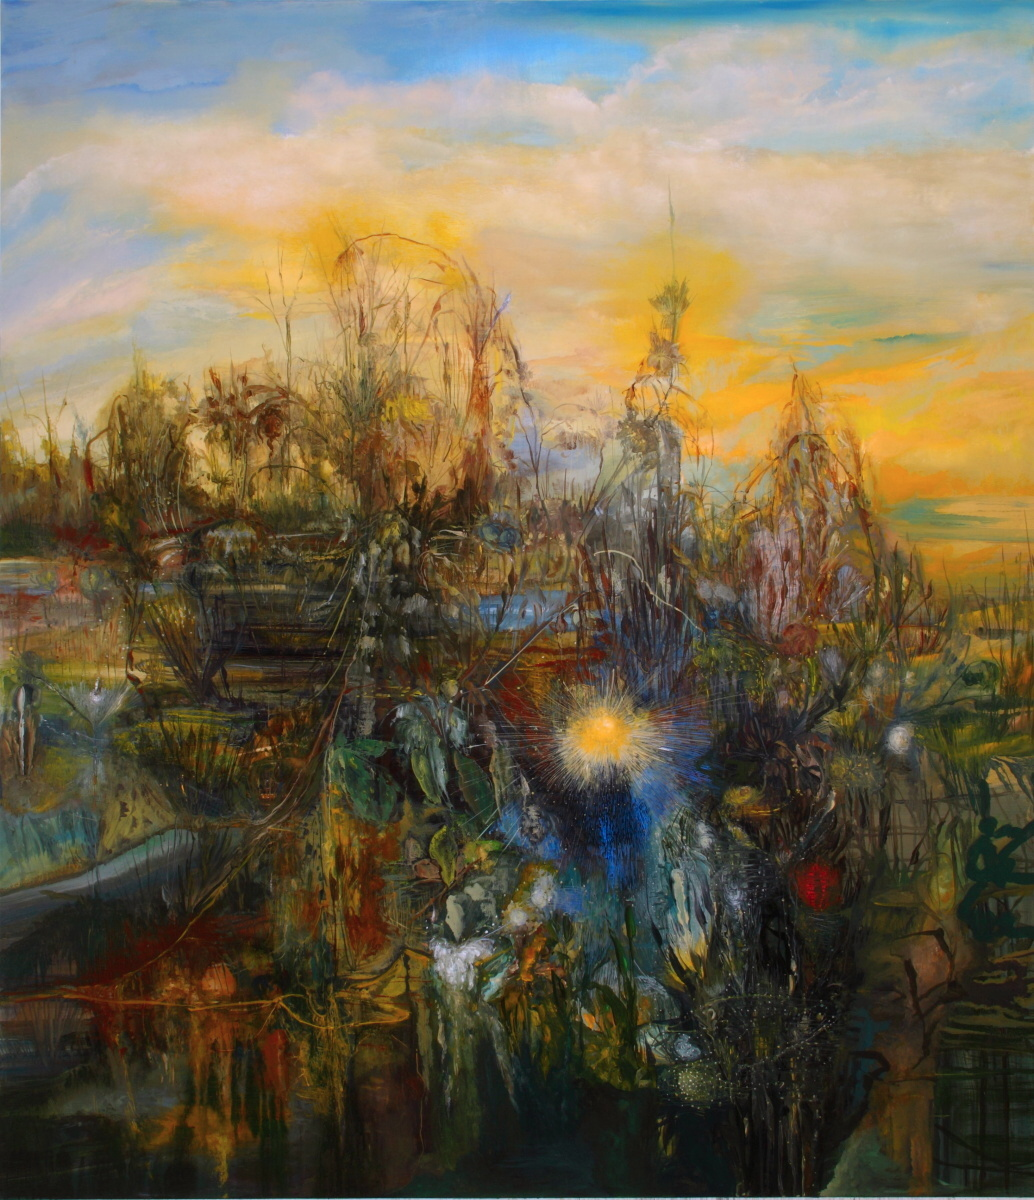 Shaggy Land, 2010, 78 x 66 inches, acrylic on canvas